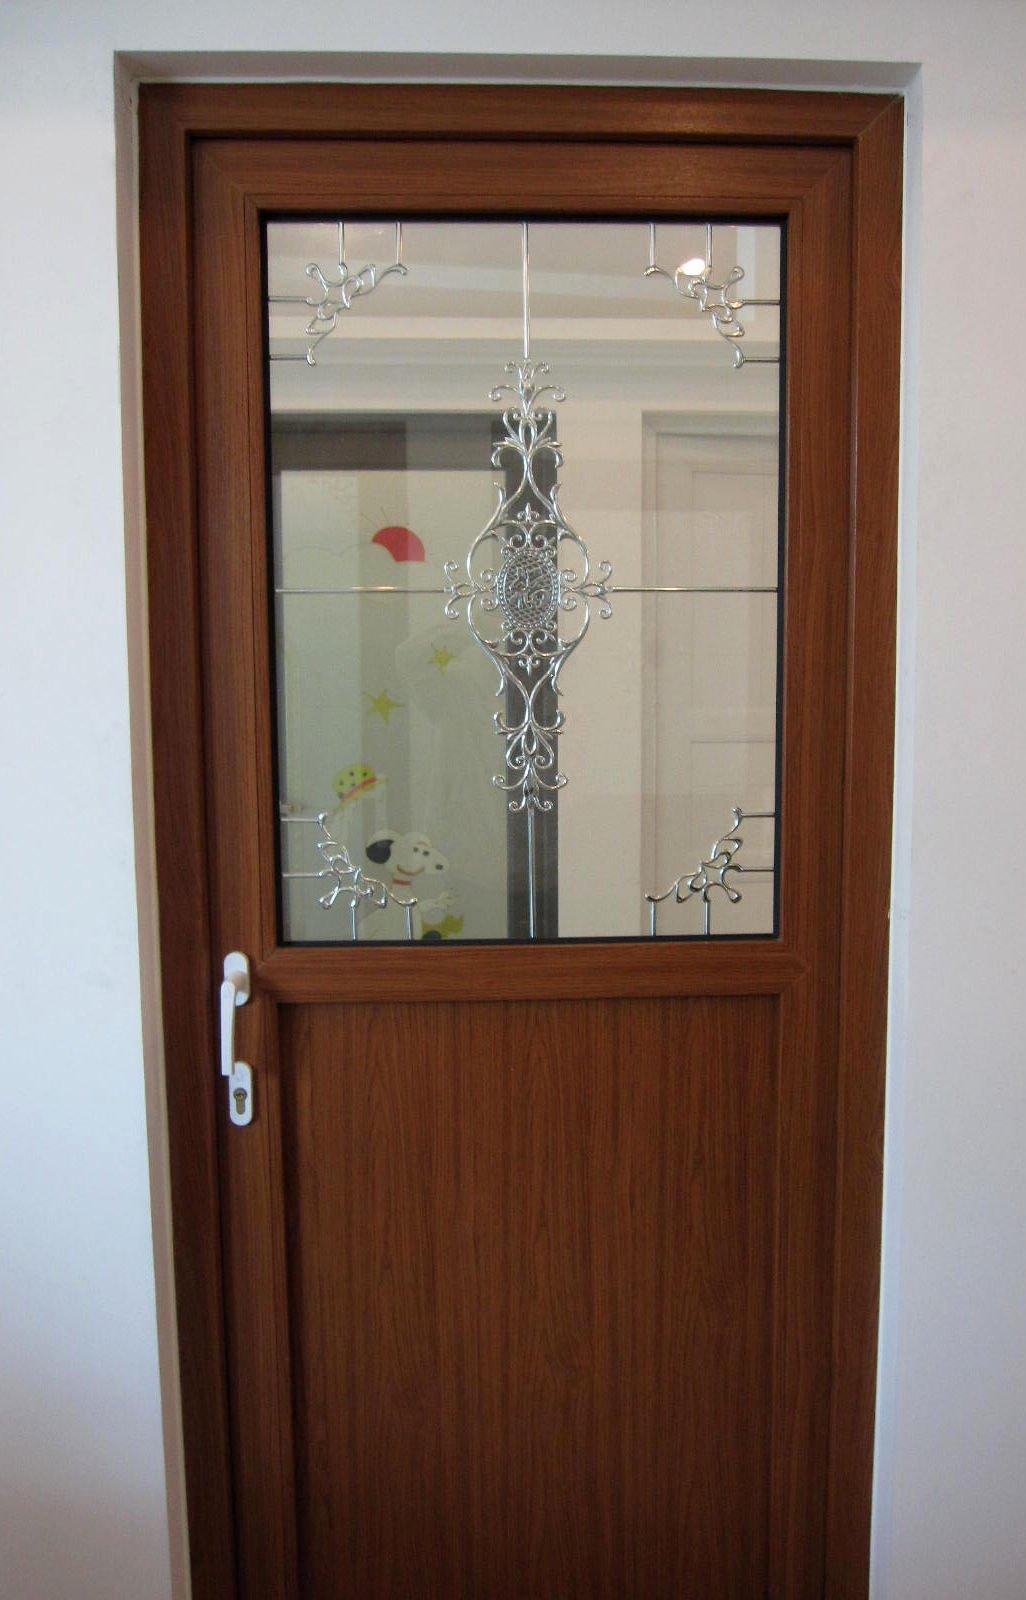 Cocina de balanceo puertas puertas identificaci n del - Puerta para cocina ...